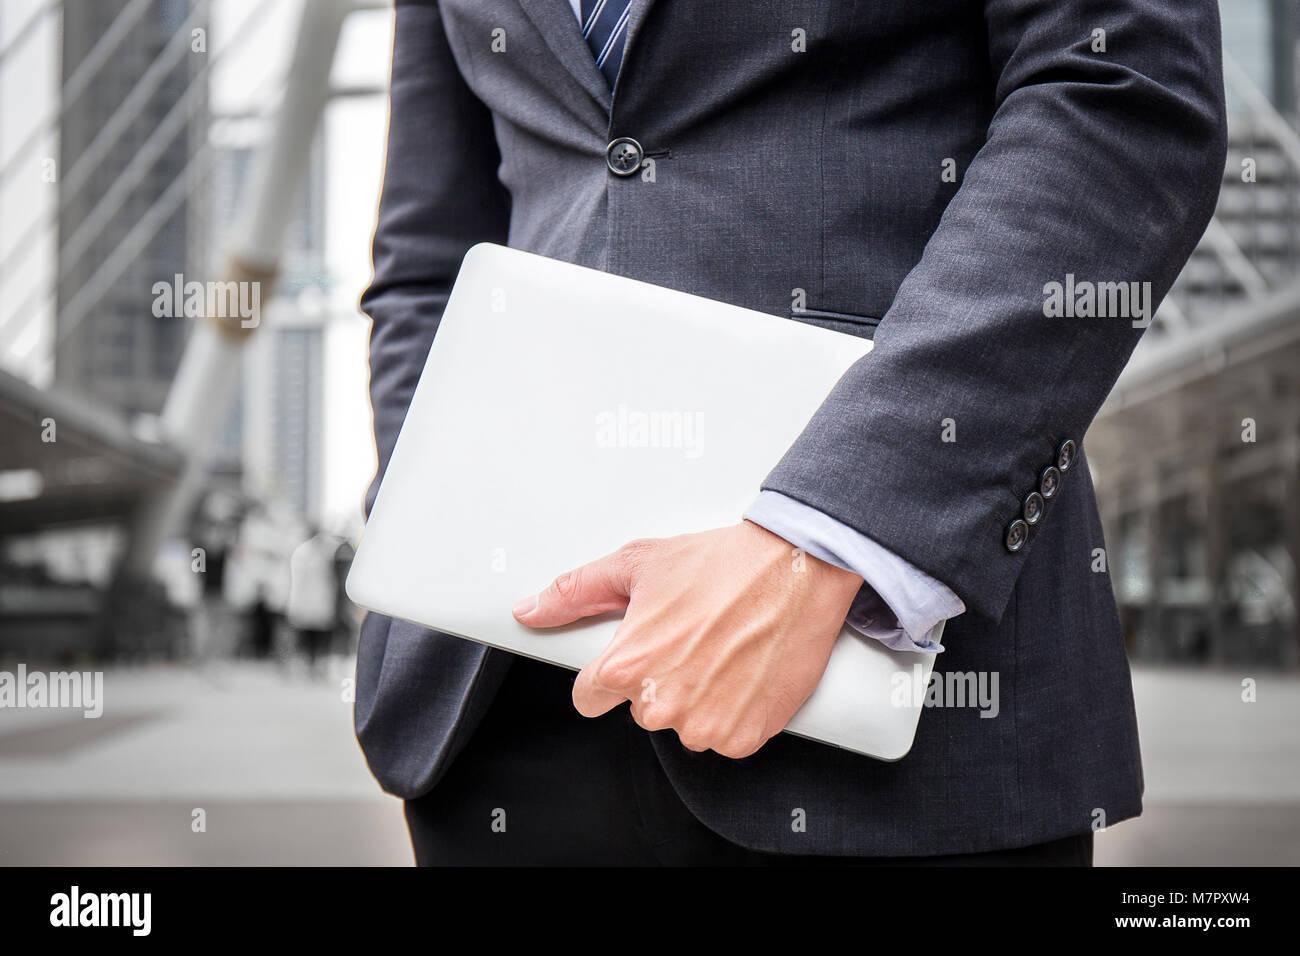 El empresario inteligente llevar traje mantenga portátil, equipo de oficina para su trabajo en el centro de Imagen De Stock